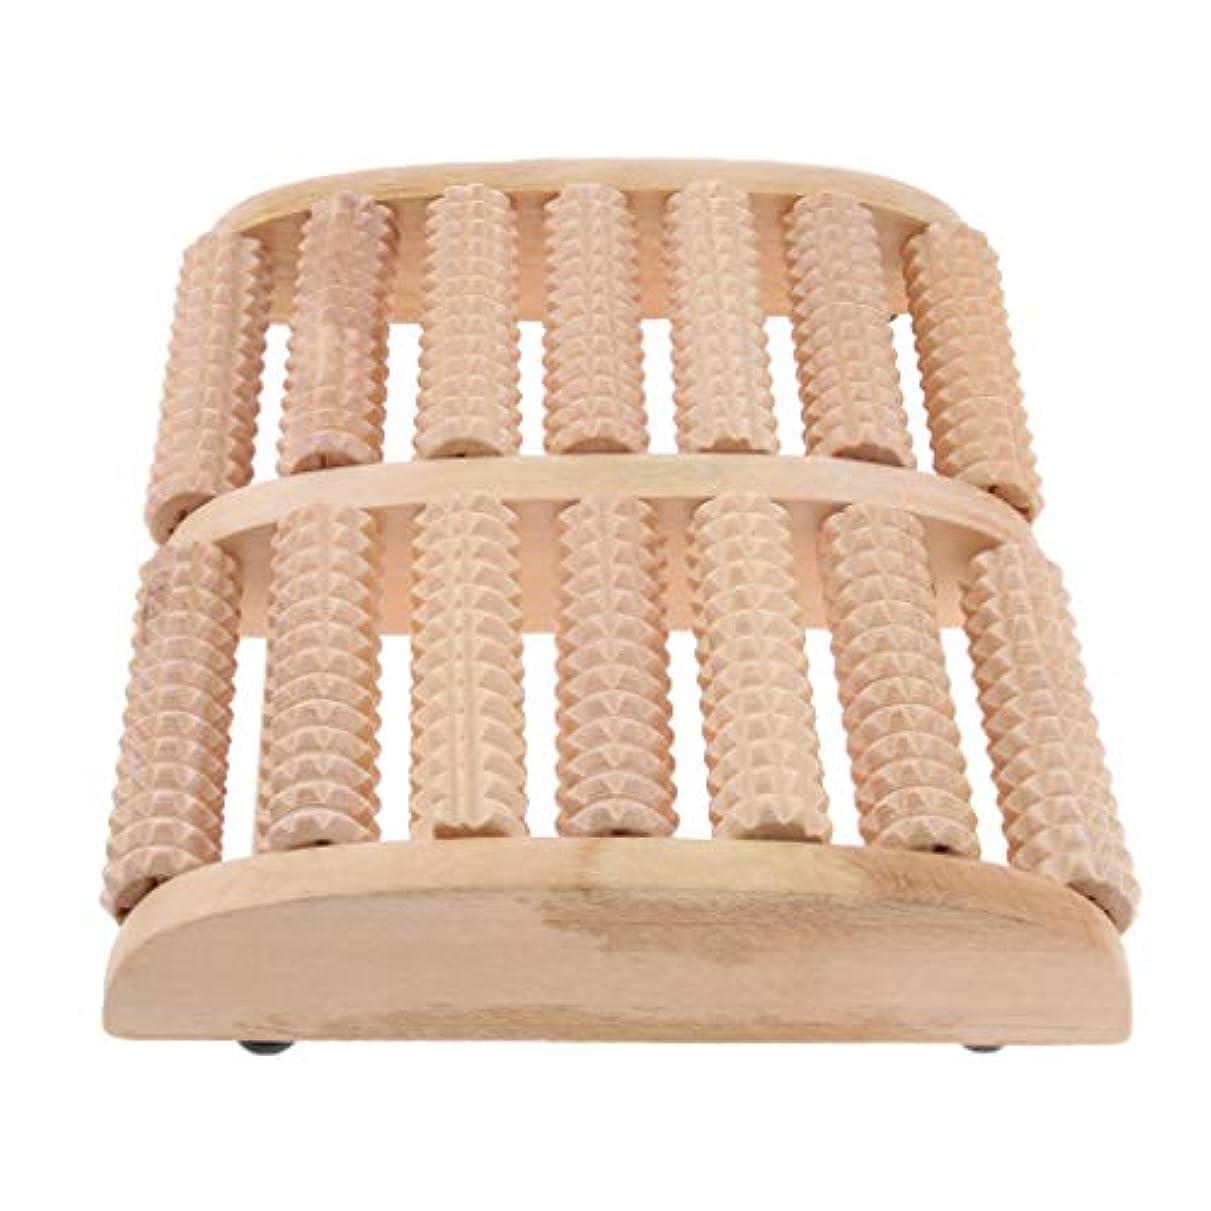 逃げる独立年金受給者IPOTCH マッサージローラー 7行 自然木製 足踏み フットマッサージ ツボ押し 痛み緩和 健康器具 高品質